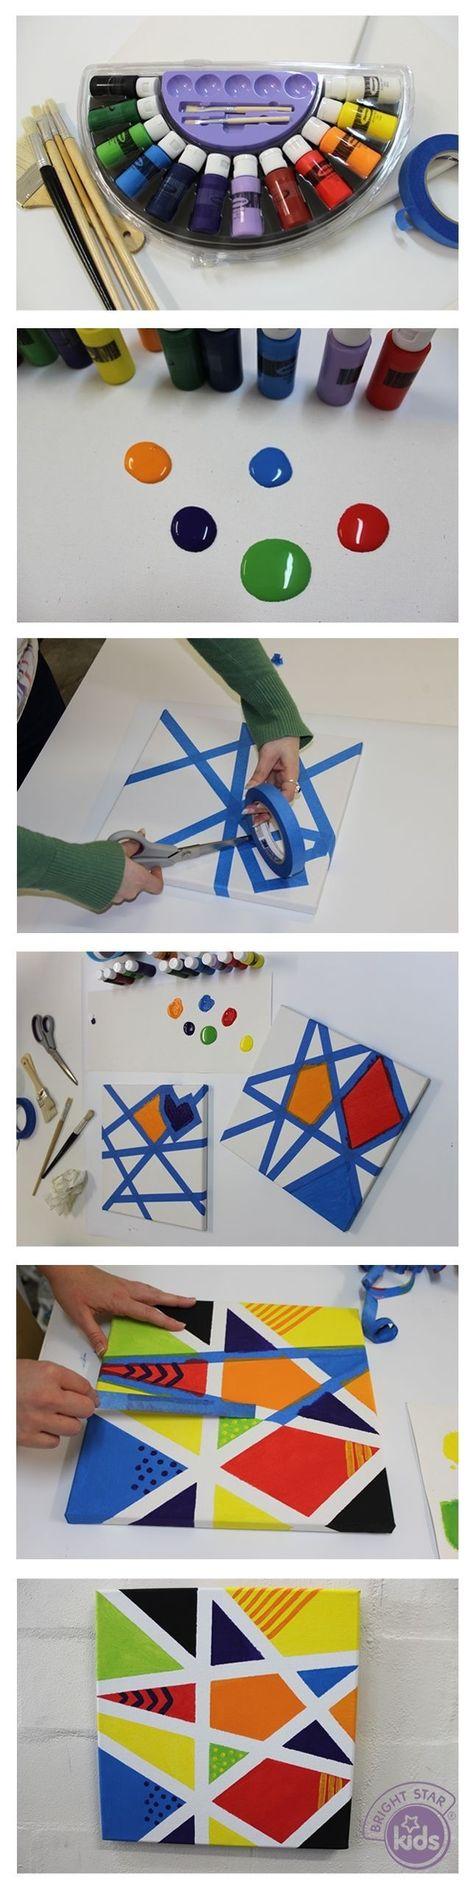 Mozaïek maken met tape en verf op papier of canvas